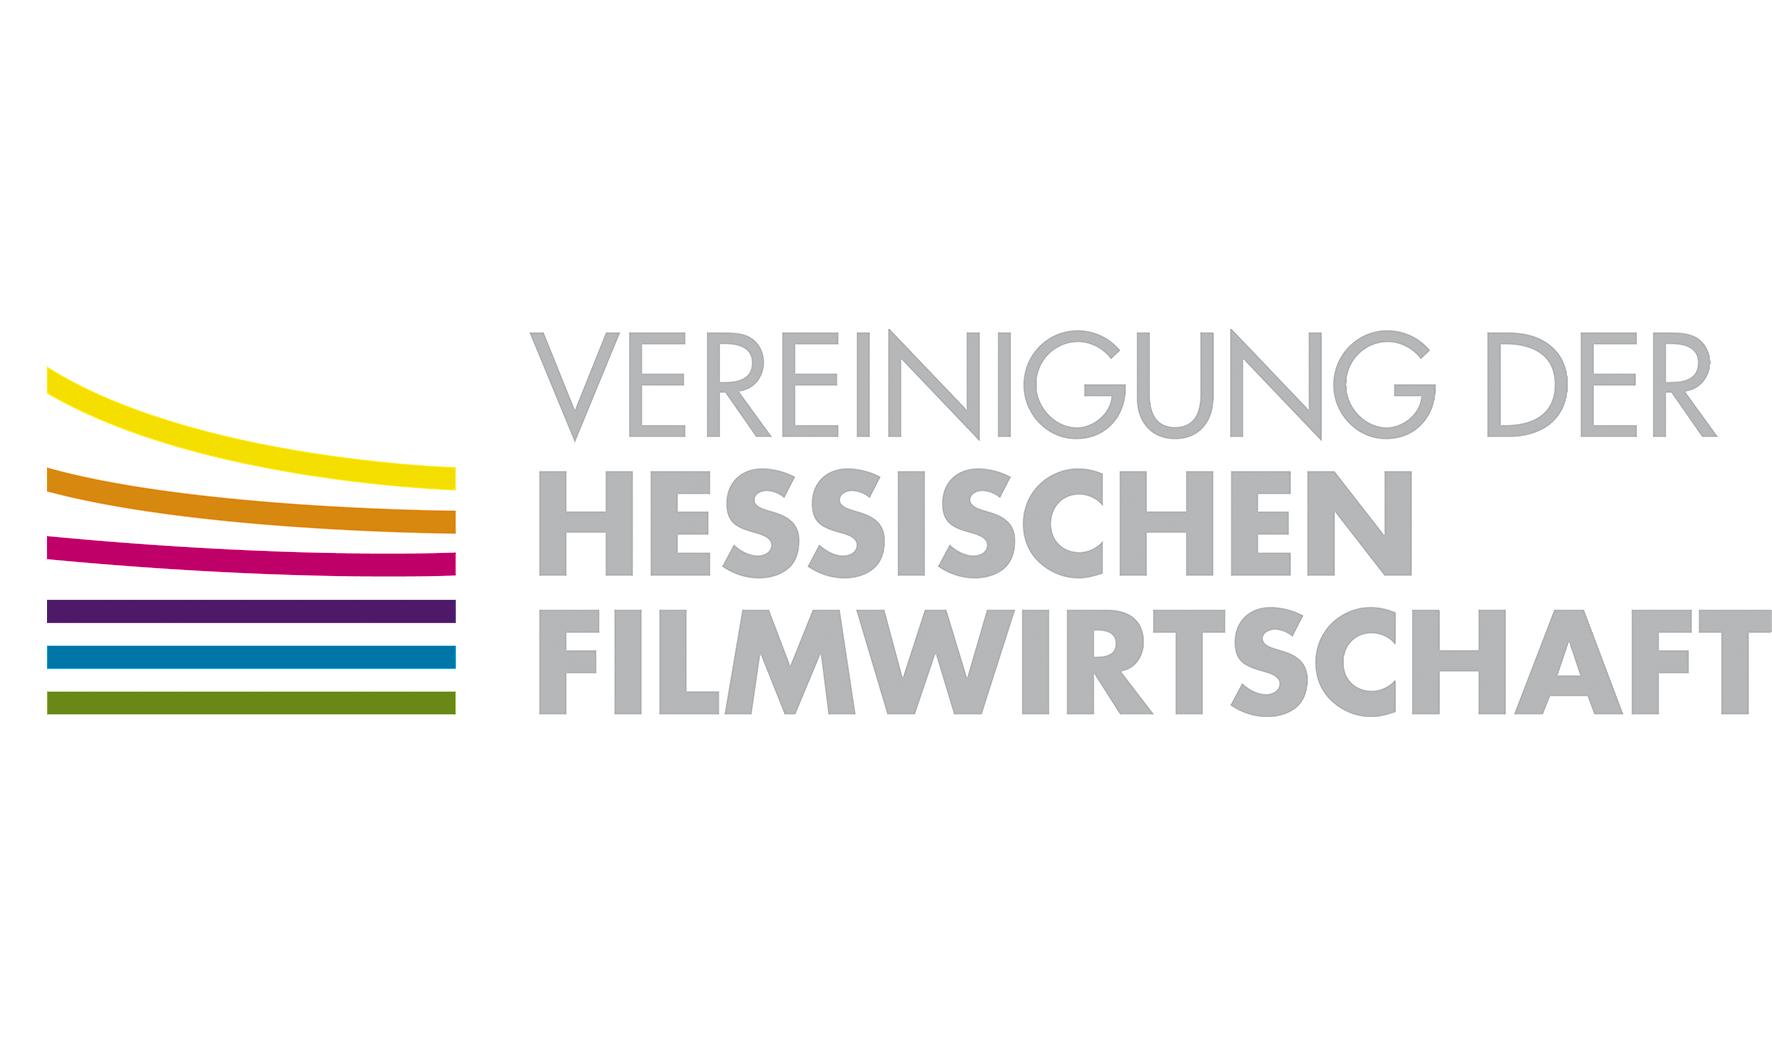 Vereinigung Hessische Filmwirtschaft